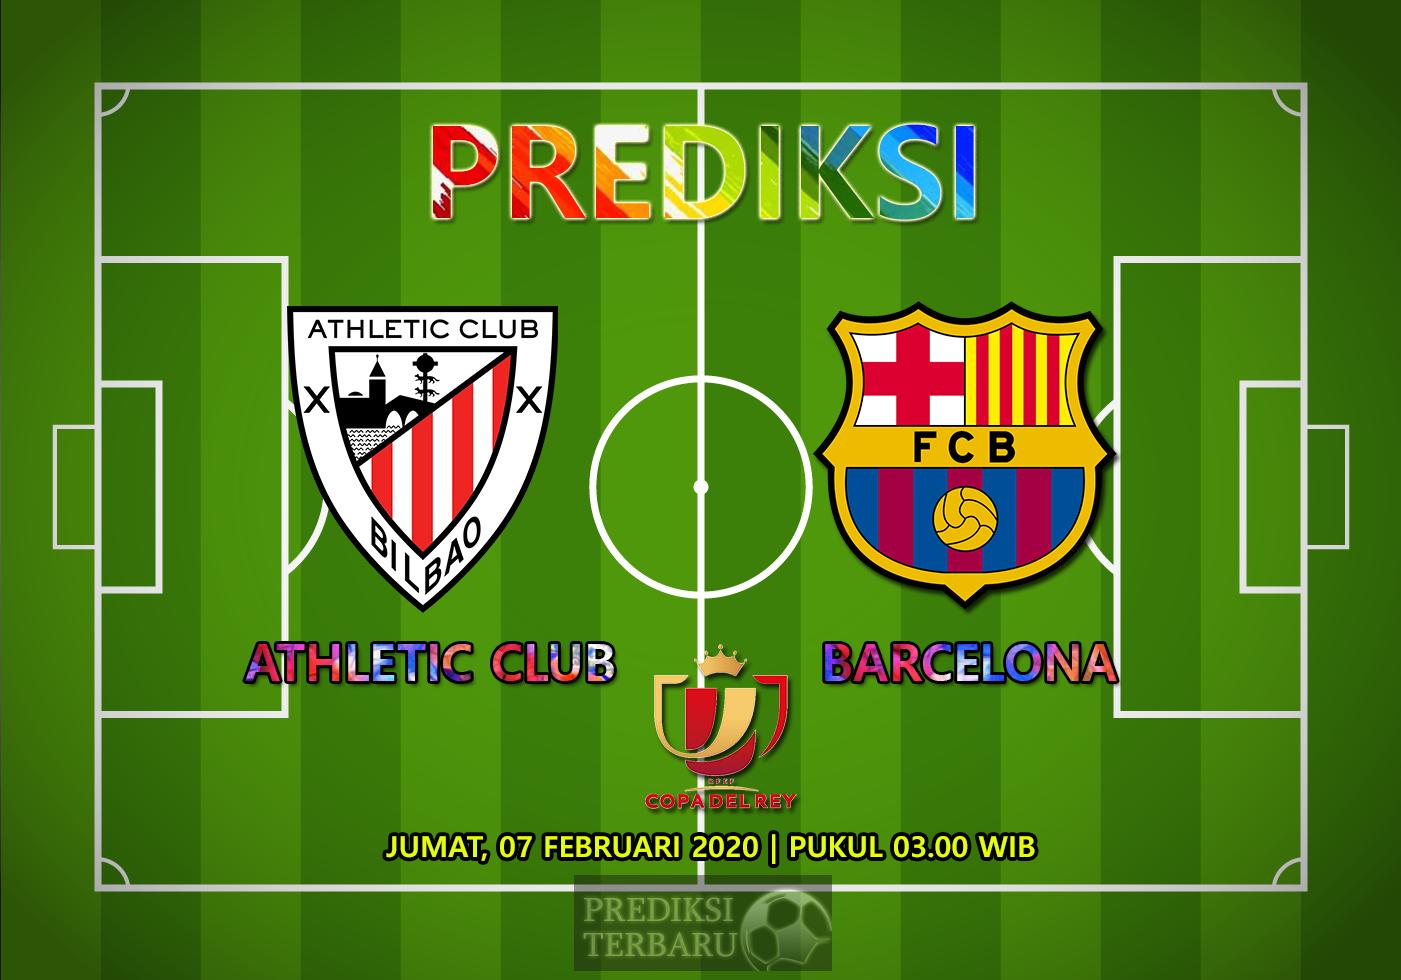 Prediksi Athletic Club Vs Barcelona 07 Februari